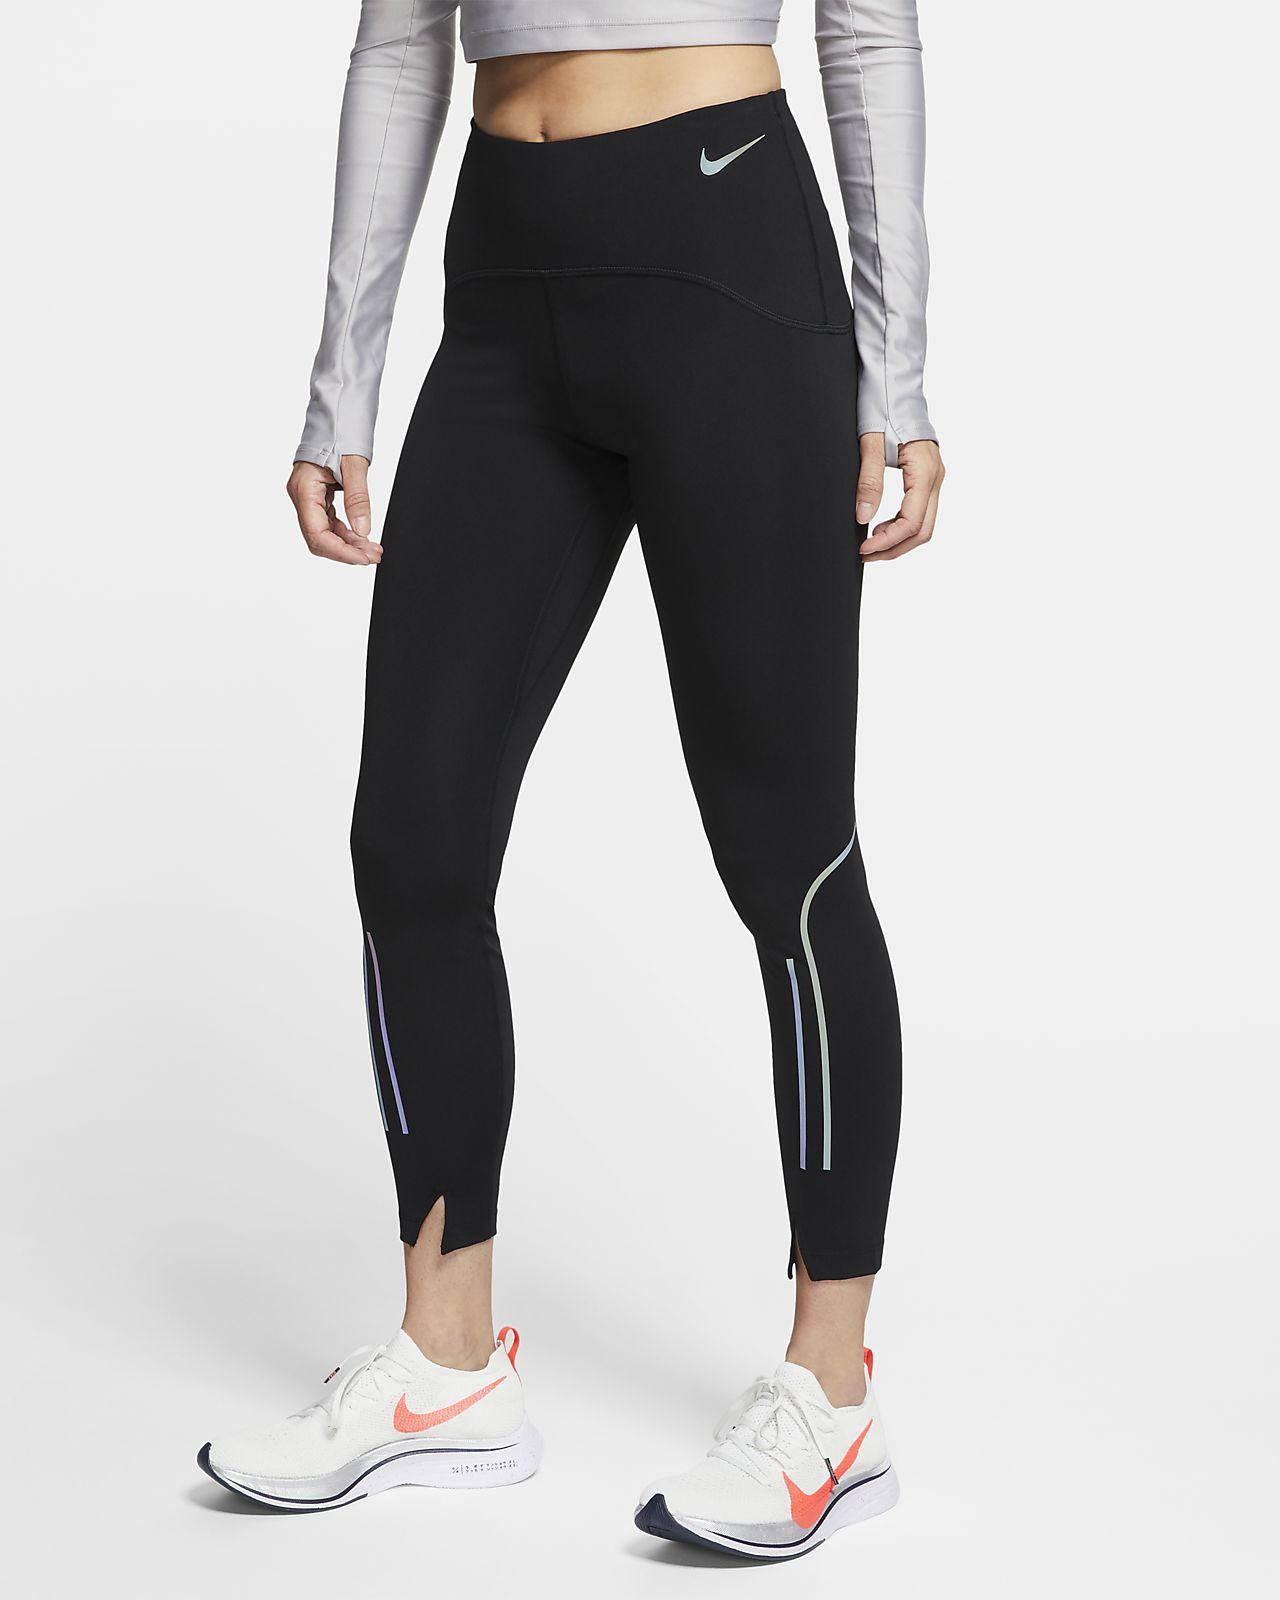 Женские слегка укороченные тайтсы для бега Nike Speed